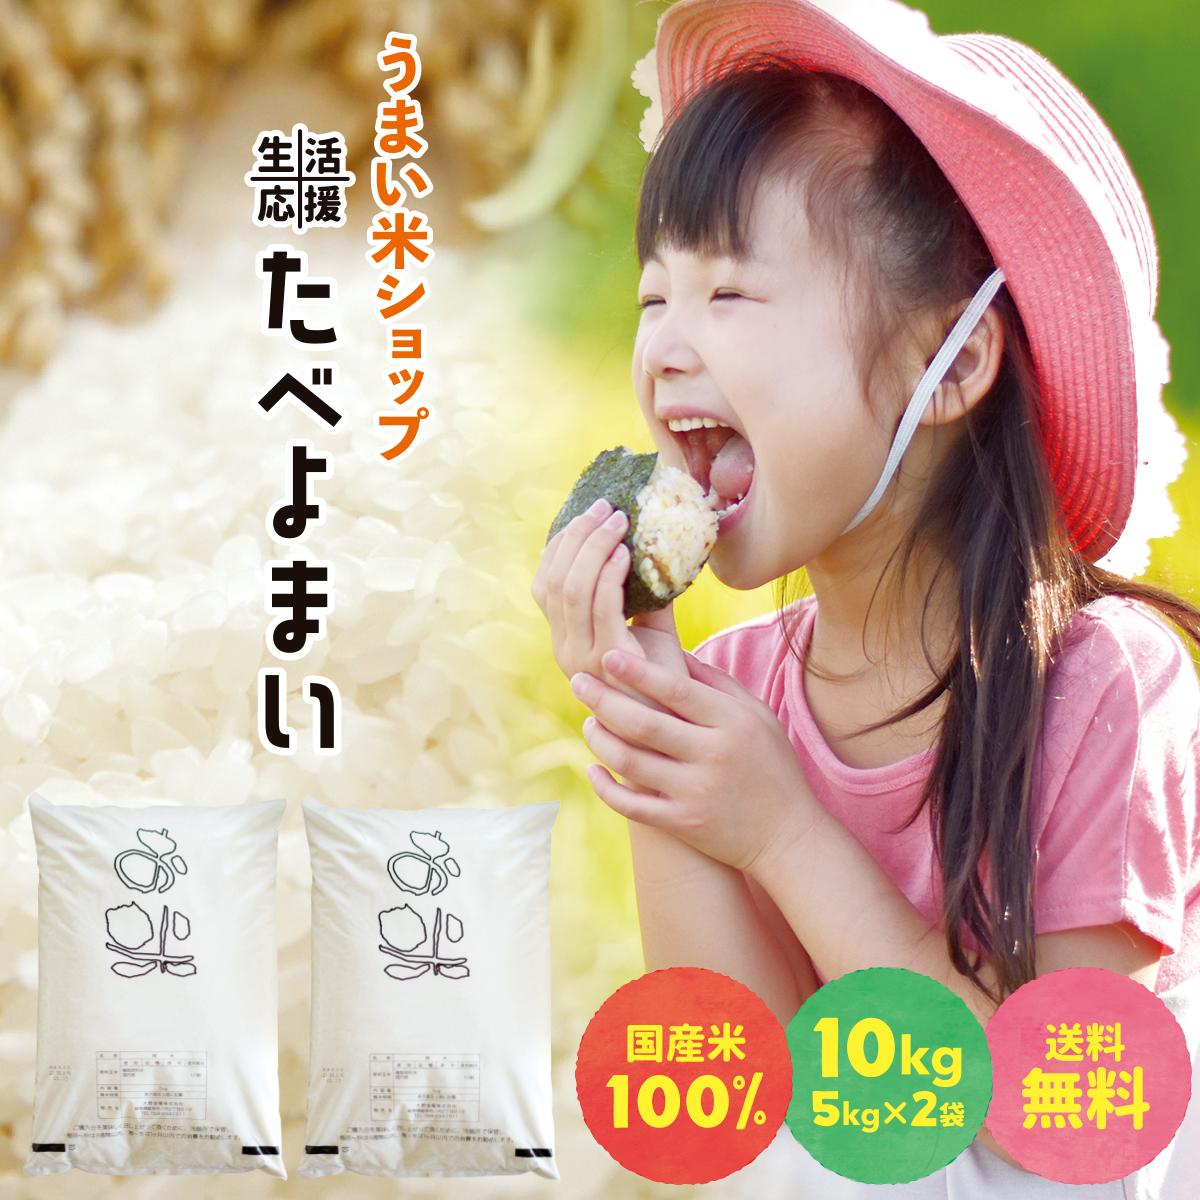 高級な お米 10kg 直営限定アウトレット 送料無料 5kg×2袋 米 ブレンド米 たべよまい 国産 家庭応援米 価格重視 訳あり 質より量 白米 安い 令和2年産 農家直送 をお求めの方へ